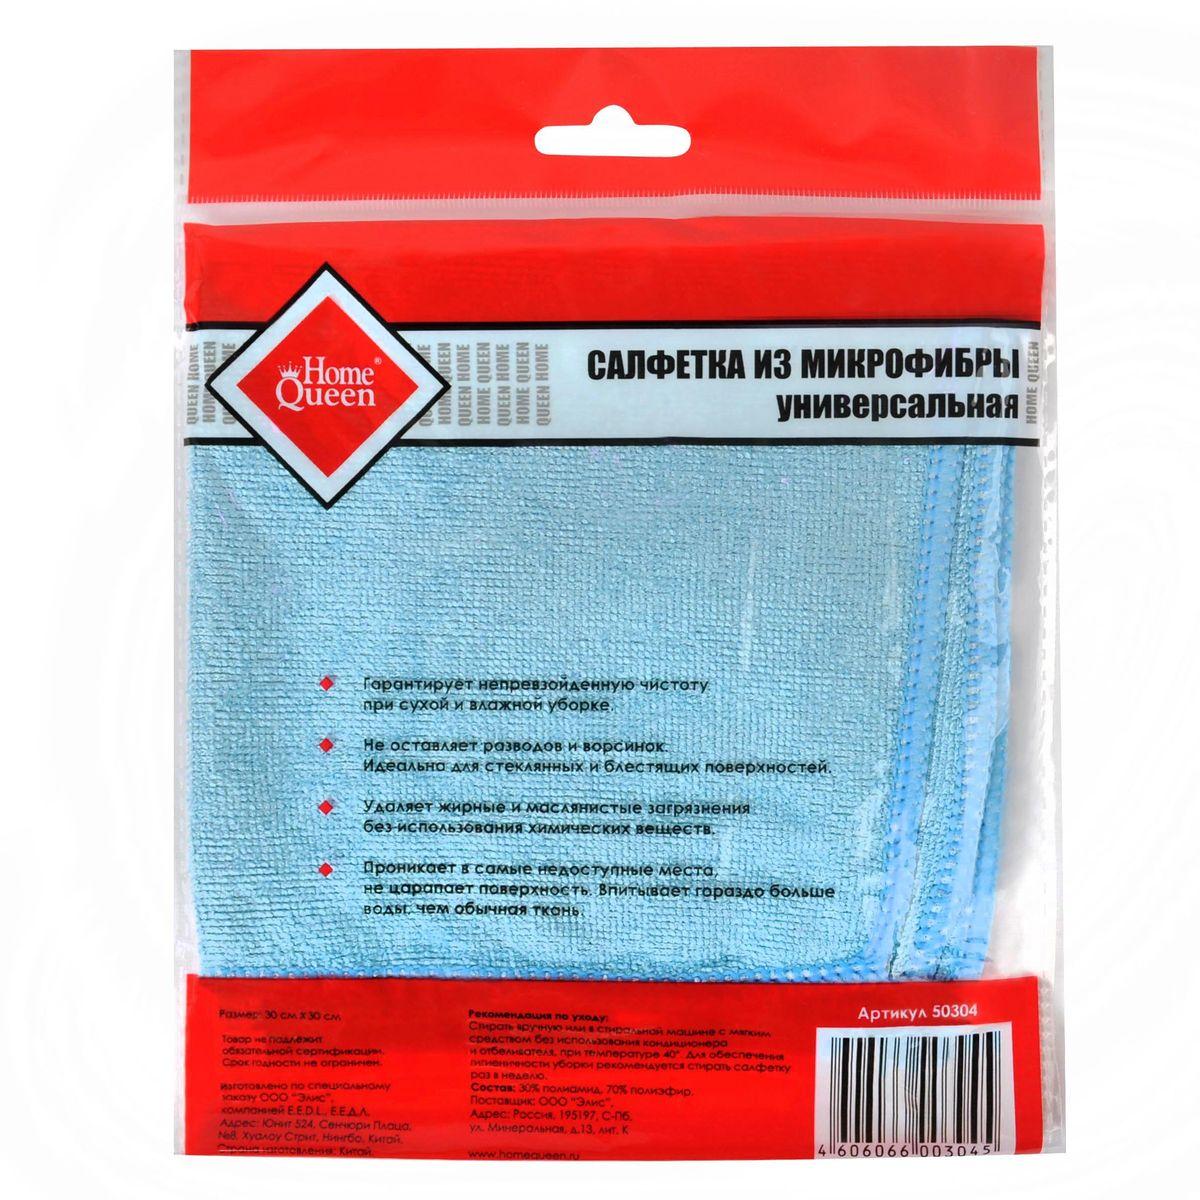 Салфетка для уборки Home Queen, цвет: голубой, 30 х 30 см50304_голубойСалфетка Home Queen, изготовленная из полиамида и полиэфира, предназначена для очищения загрязнений на любых поверхностях. Изделие обладает высокой износоустойчивостью и рассчитано на многократное использование, легко моется в теплой воде с мягкими чистящими средствами. Супервпитывающая салфетка не оставляет разводов и ворсинок, идеальна для стеклянных и блестящих поверхностей, удаляет большинство жирных и маслянистых загрязнений без использования химических средств. Не царапает поверхность и впитывает гораздо больше воды, чем обычная ткань. Подходит для сухой и влажной уборки. Материал: 30% полиамид, 70% полиэфир.